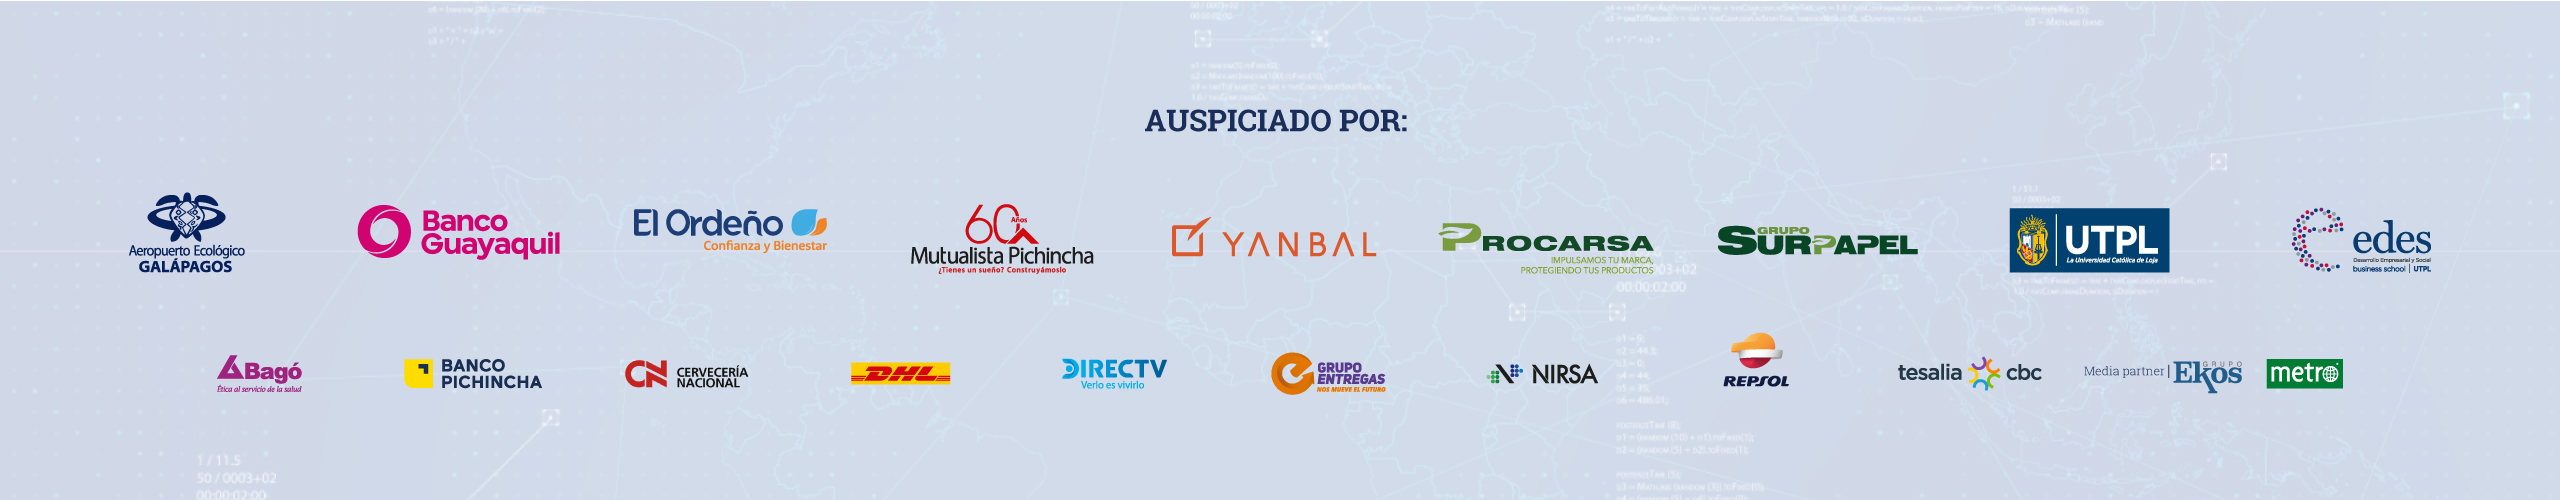 banner_ecuador_sostenible_auspiciantes_2560x500px11